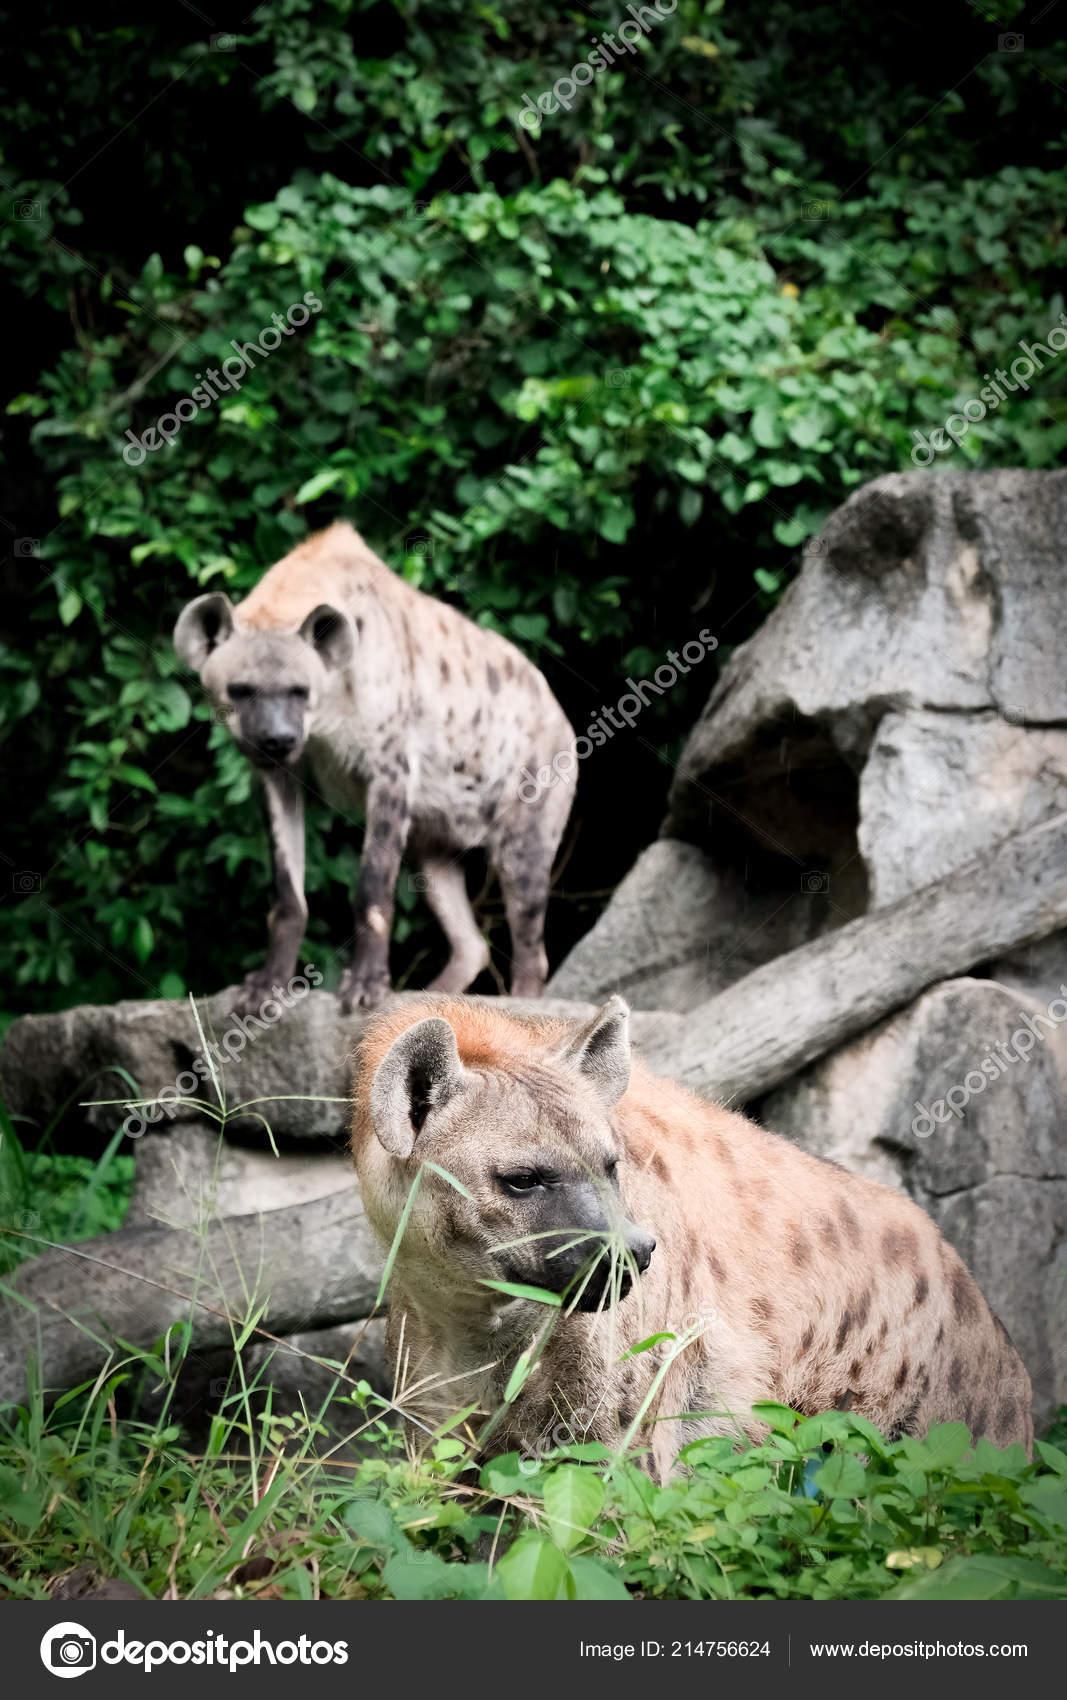 Животный мир гиена зоопарк таиланде — стоковое фото © k_fah #214756624.